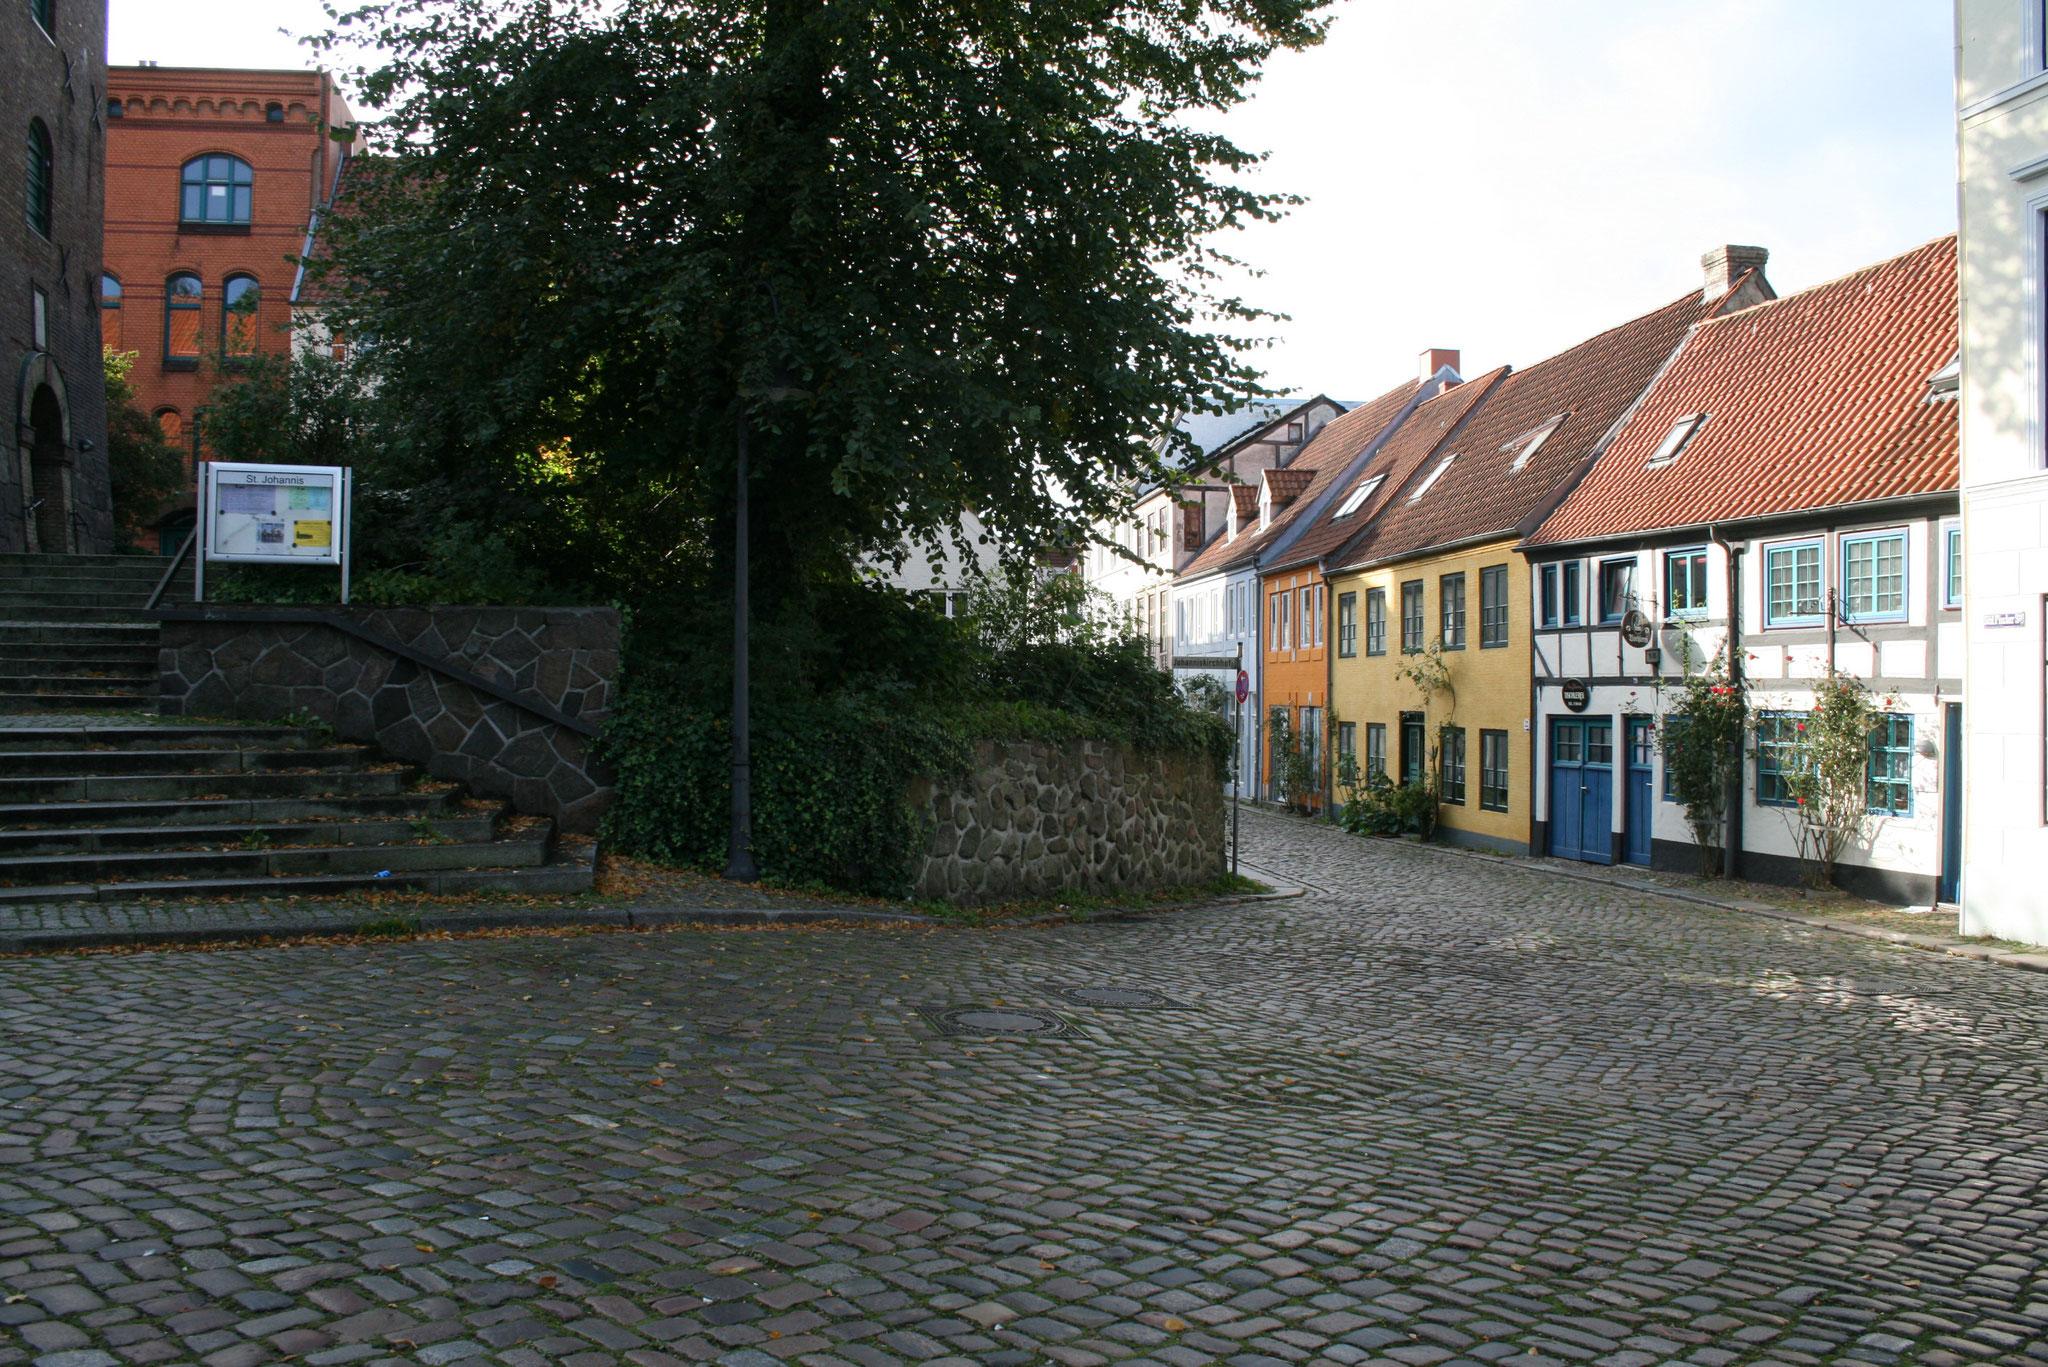 Lage in der Altstadt